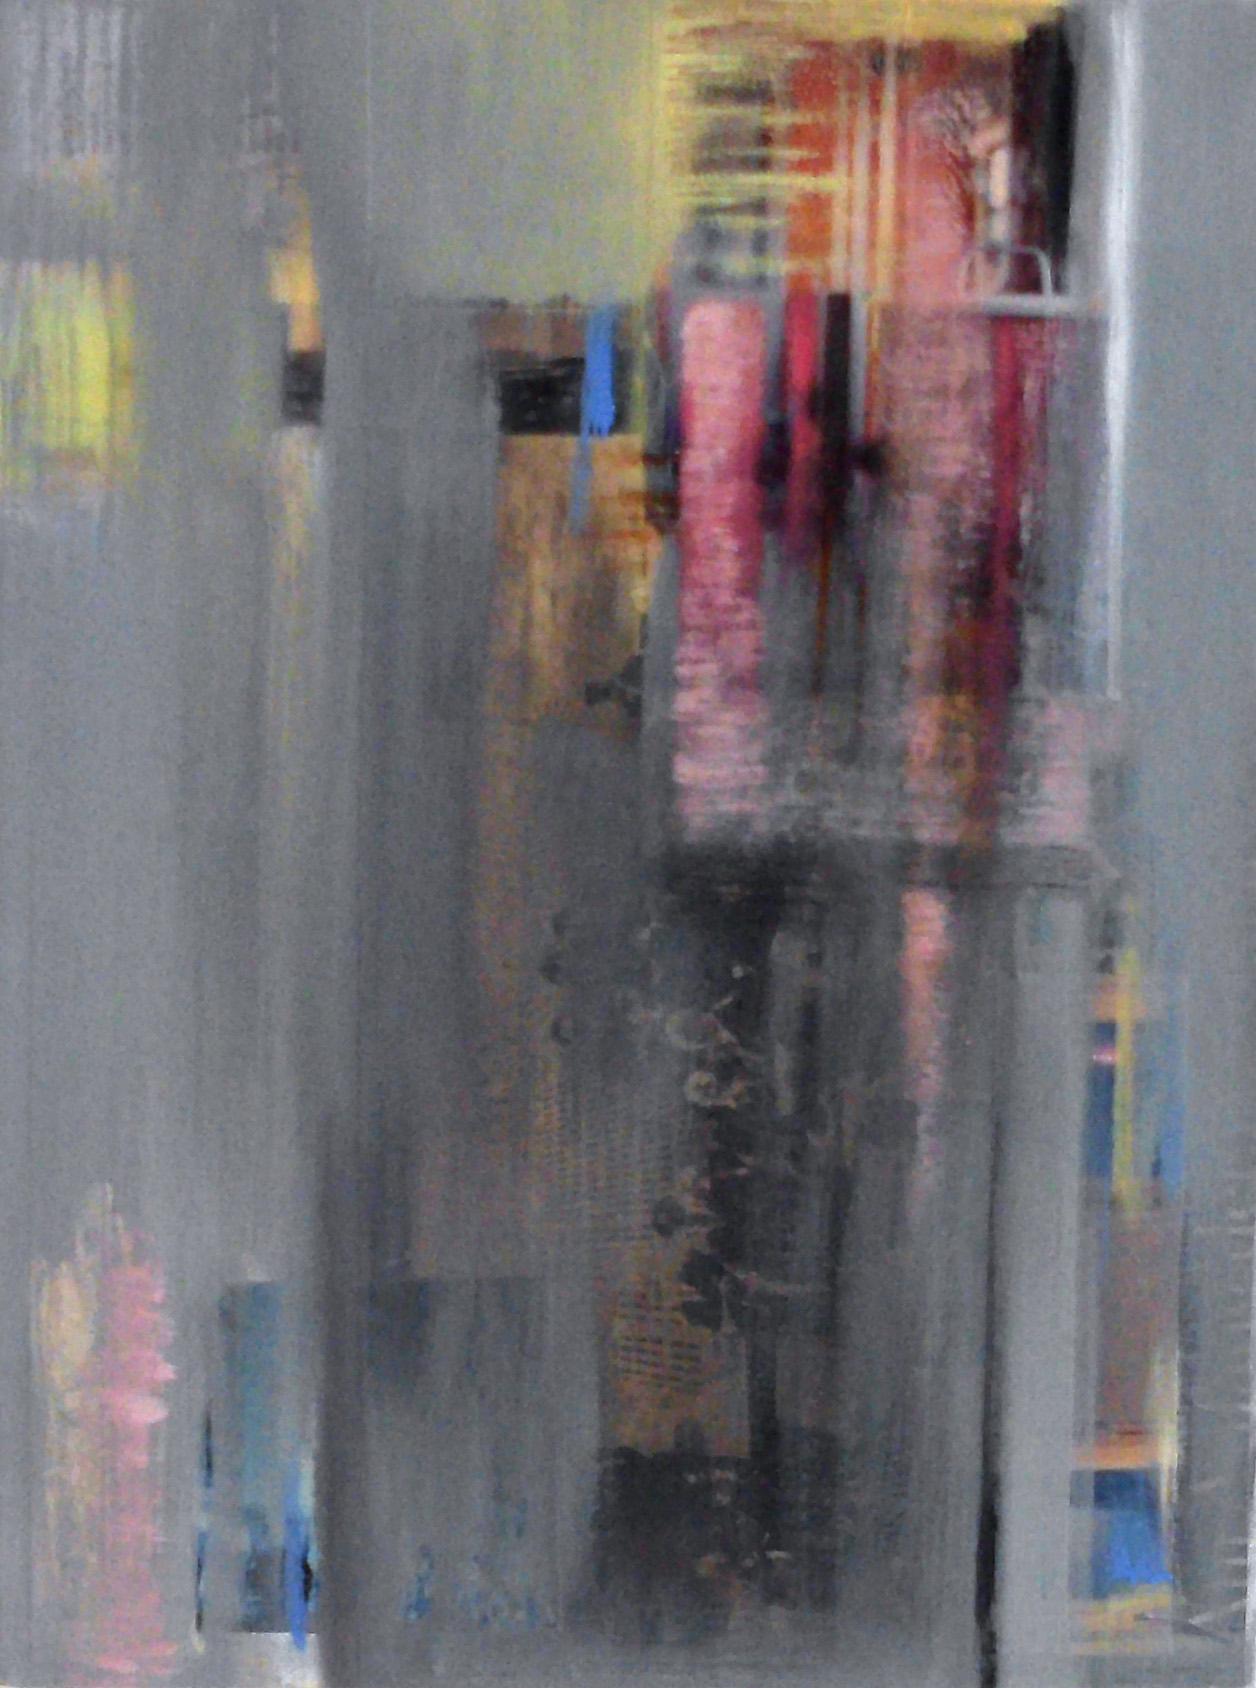 07-steffi_deparade-becker-o.t.-2006-oel,_collage_auf_leinwand-40x30